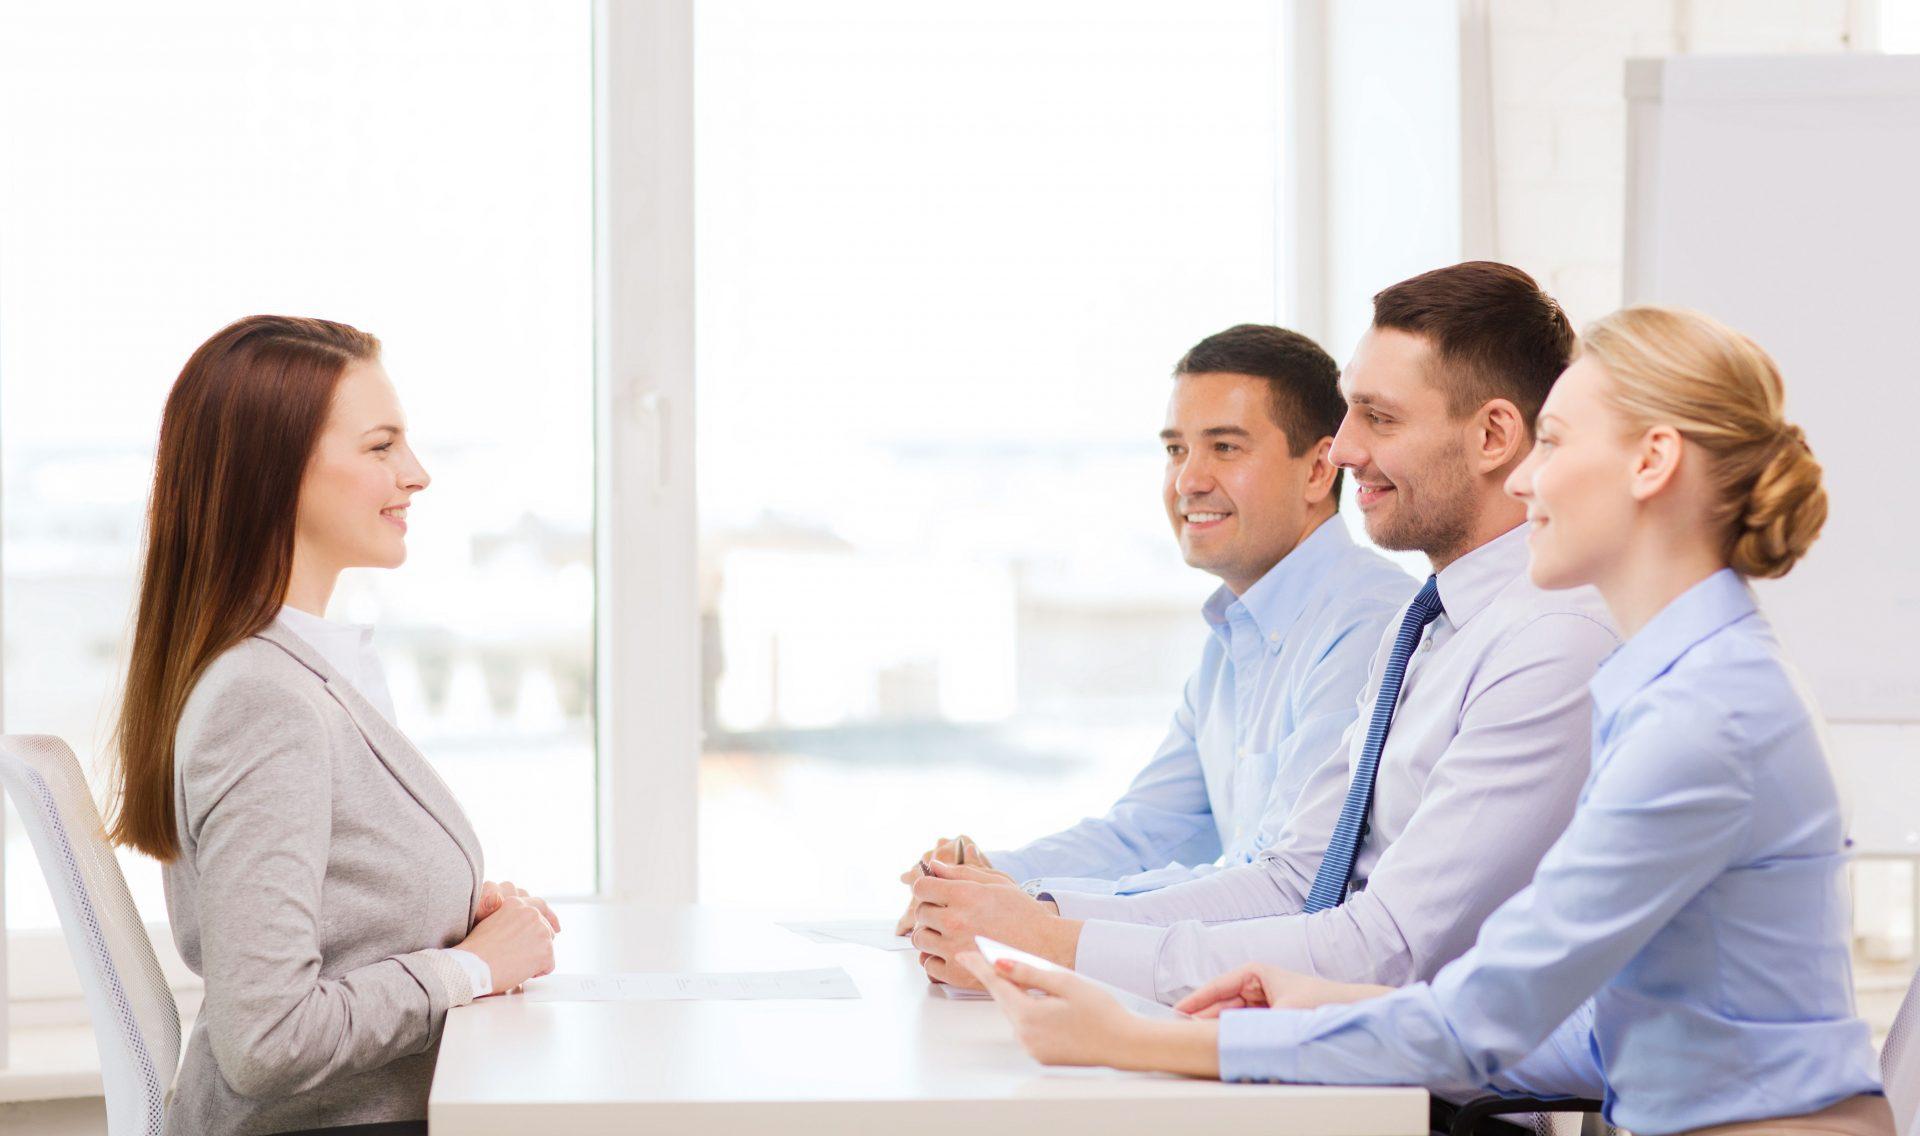 Darbo pokalbis: 9 būdai padaryti puikų pirmąjį įspūdį